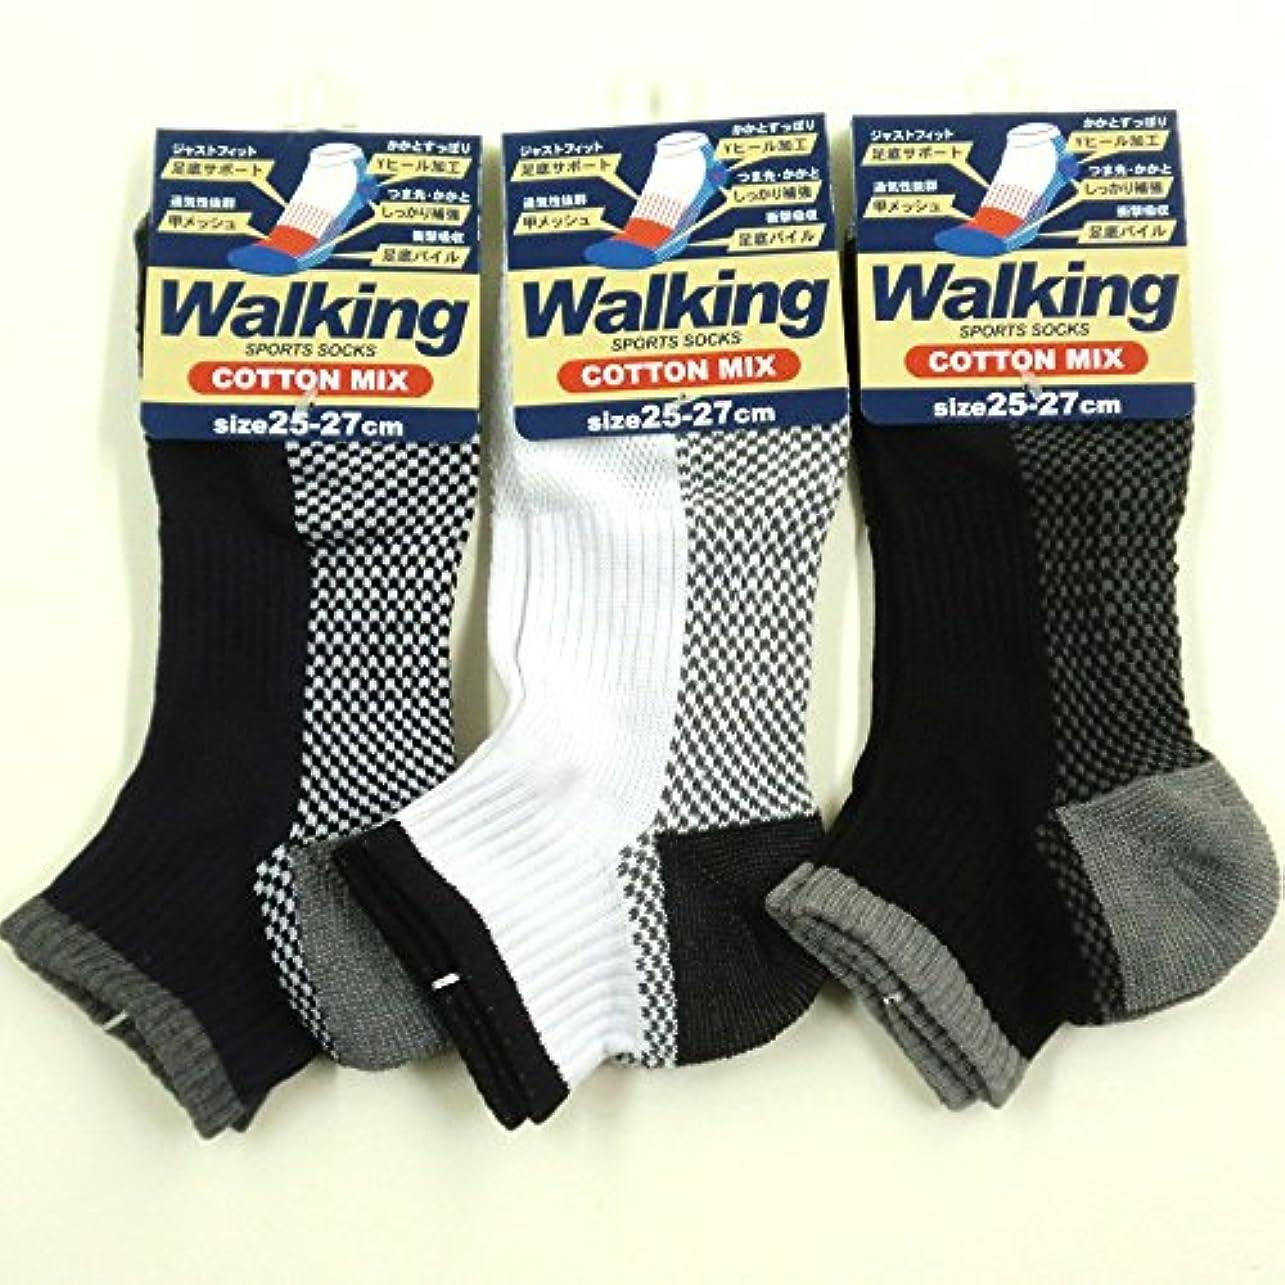 切手蒸気韓国語スニーカー ソックス メンズ ウォーキング 靴下 綿混 足底パイル 25-27cm 3足セット